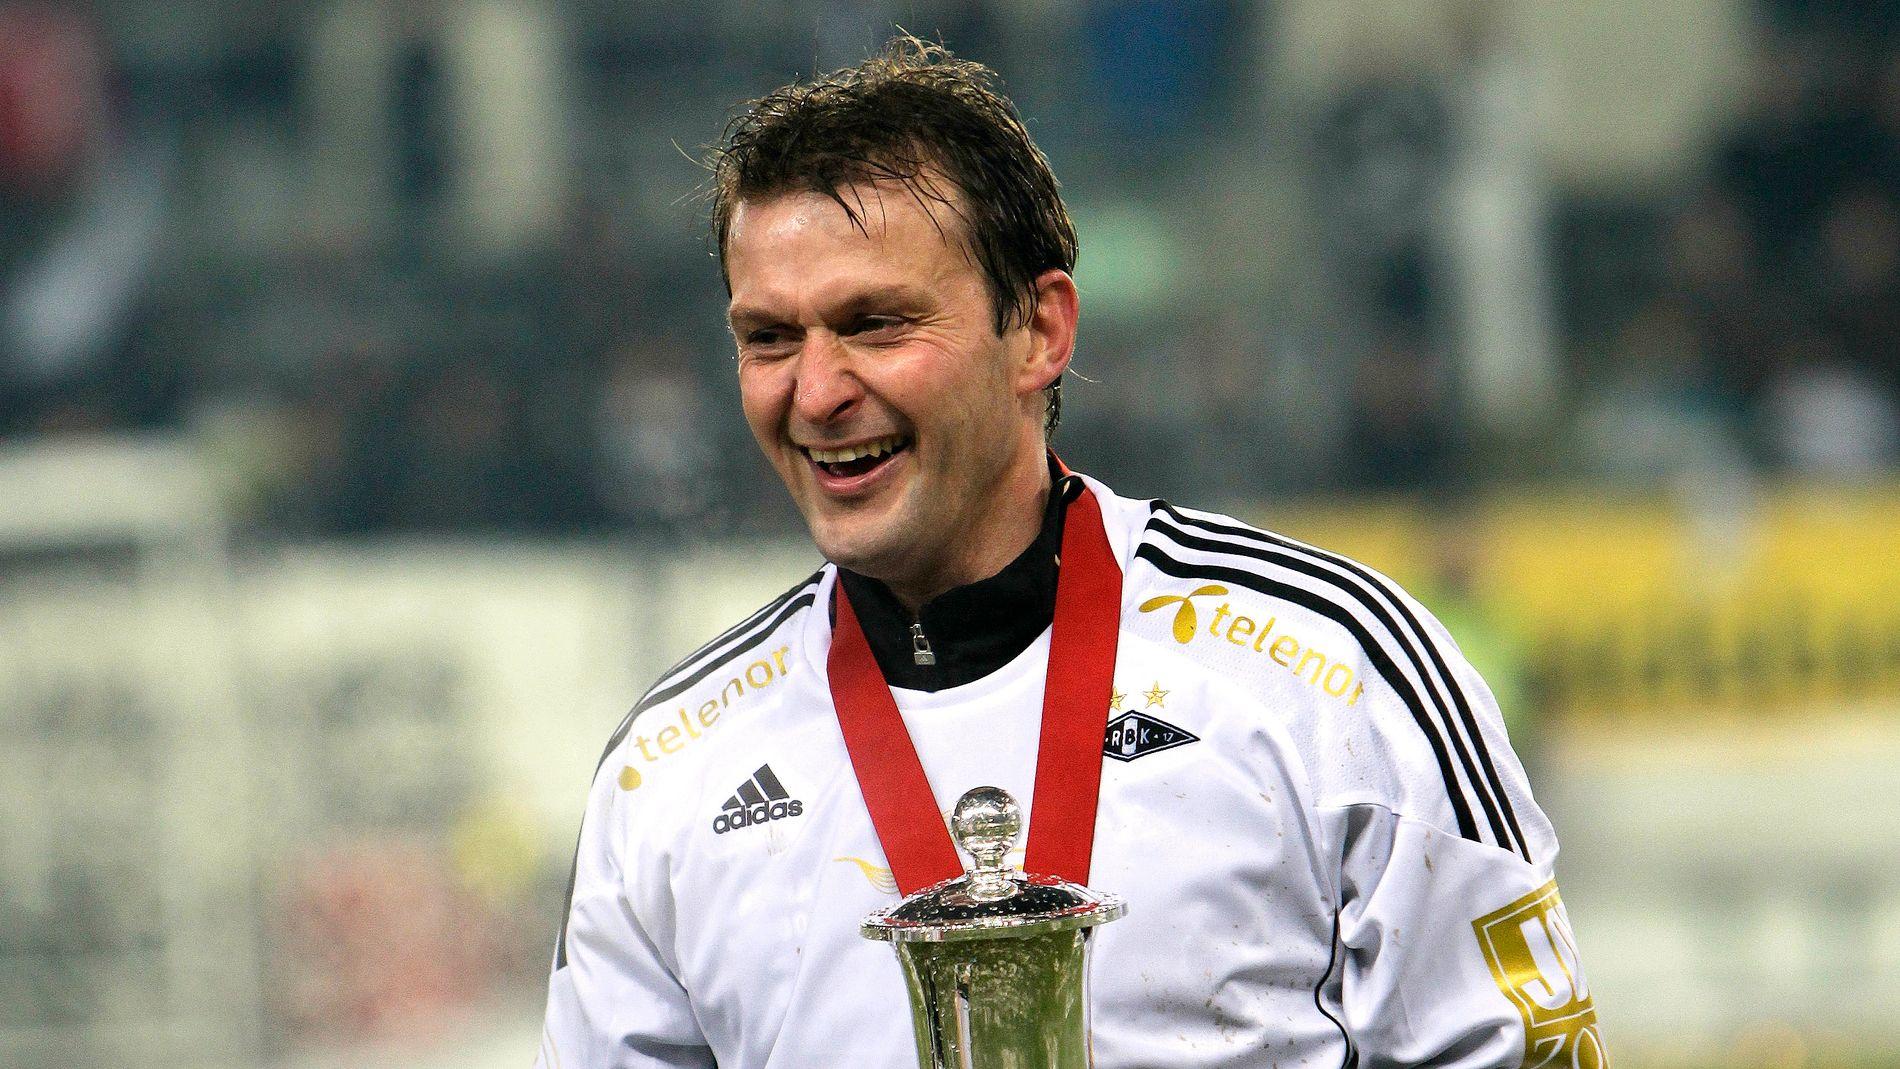 SNART 50: Roar Strand har fortsatt suksess på fotballbanen. Bildet er fra hans siste kamp med Rosenborg i 2010.